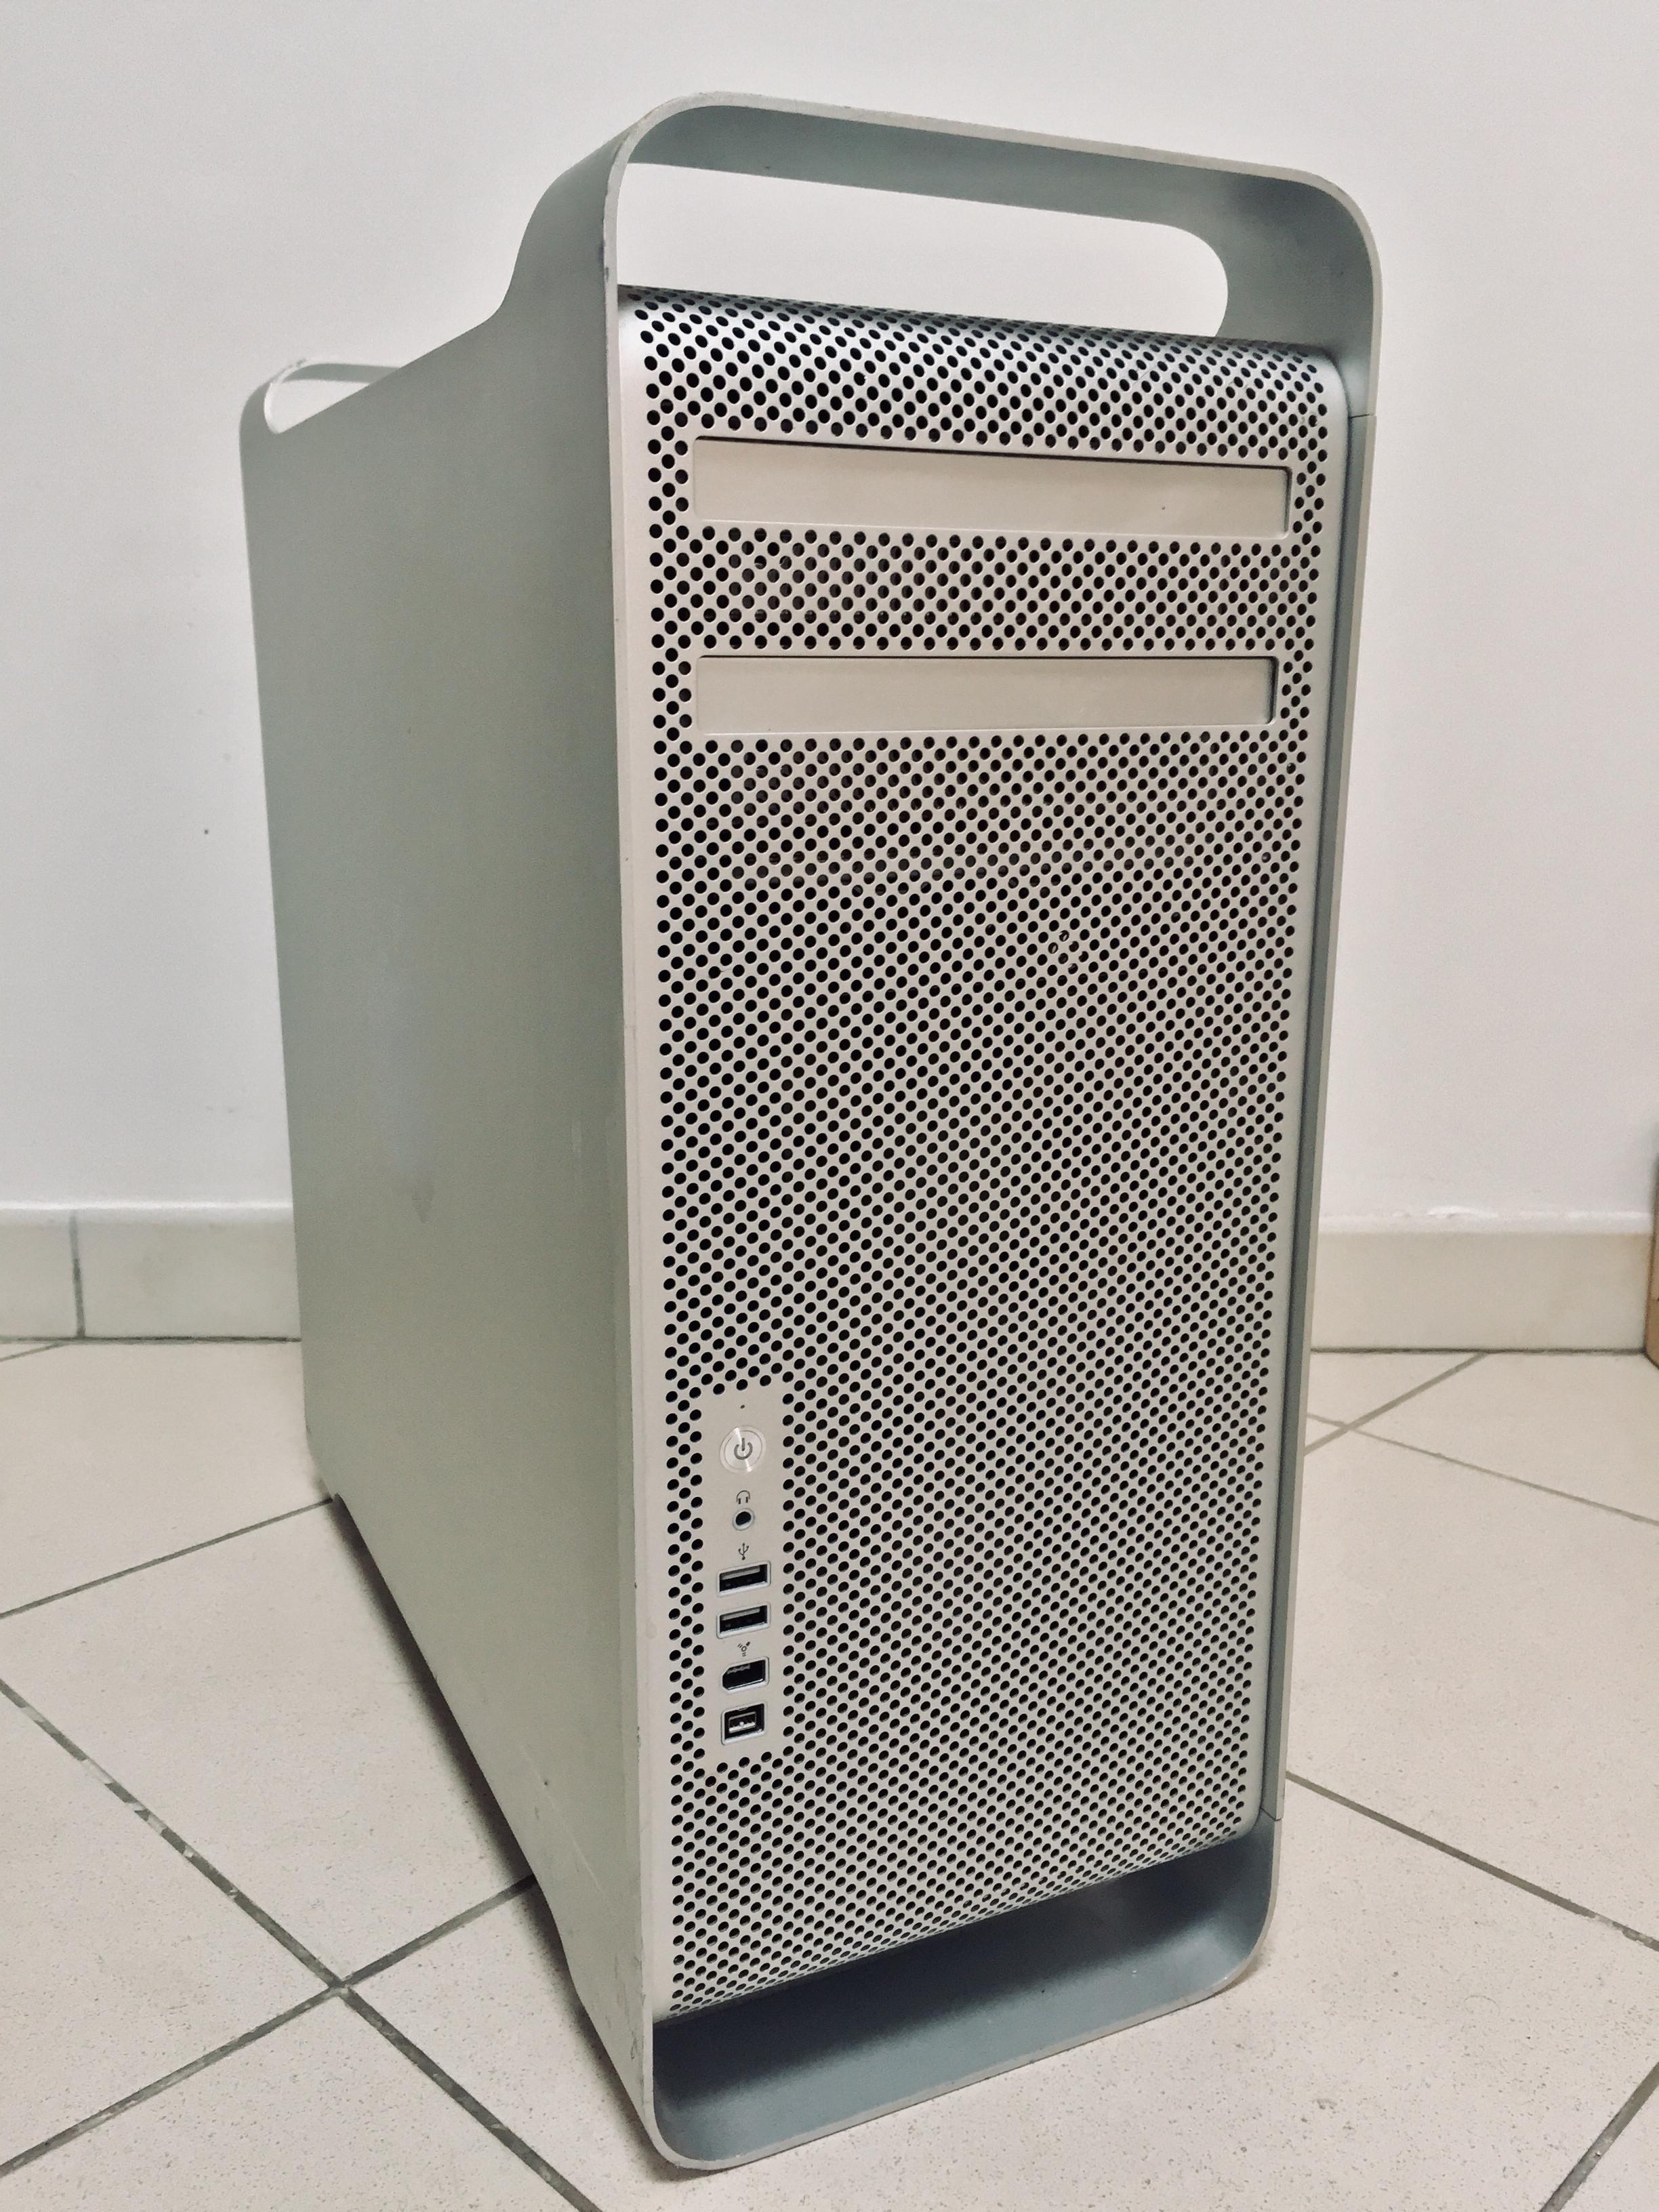 Mac Pro (début 2008)